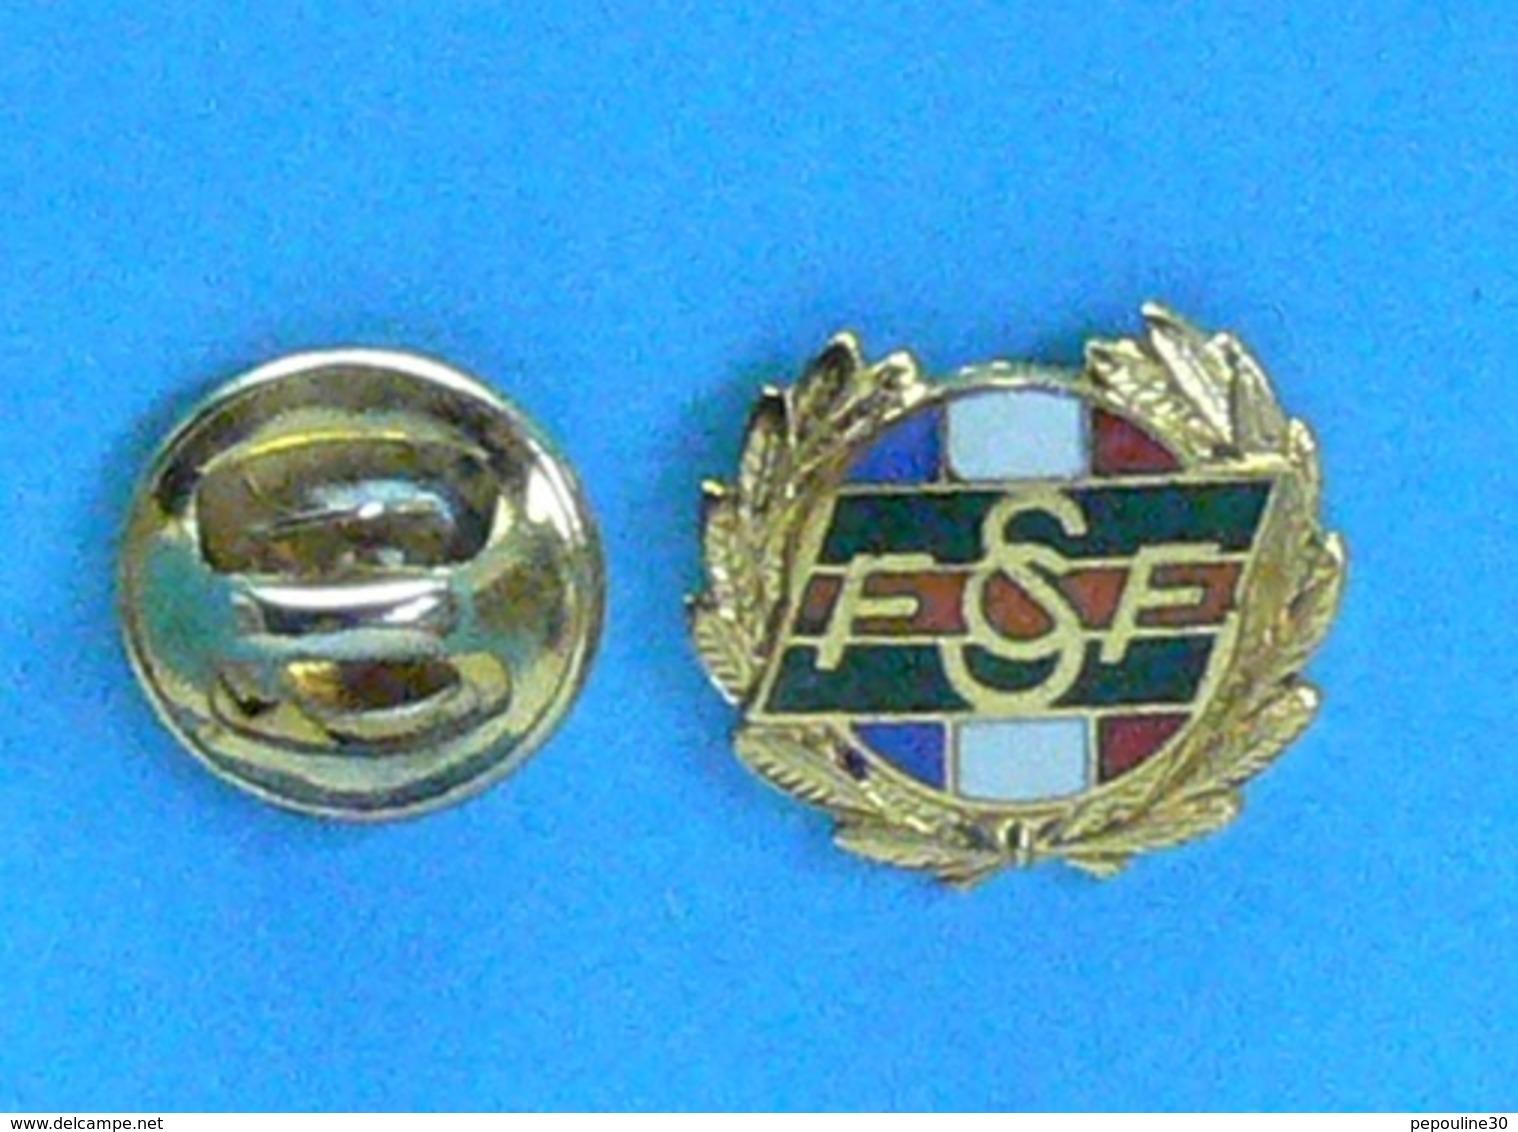 1 PIN'S // ** F S C F / INSIGNE DE L'HONNEUR FÉDÉRAL VERMEIL / FÉDÉRATION SPORTIVE & CULTURELLE FRANCE ** . (A B. Paris) - Pin